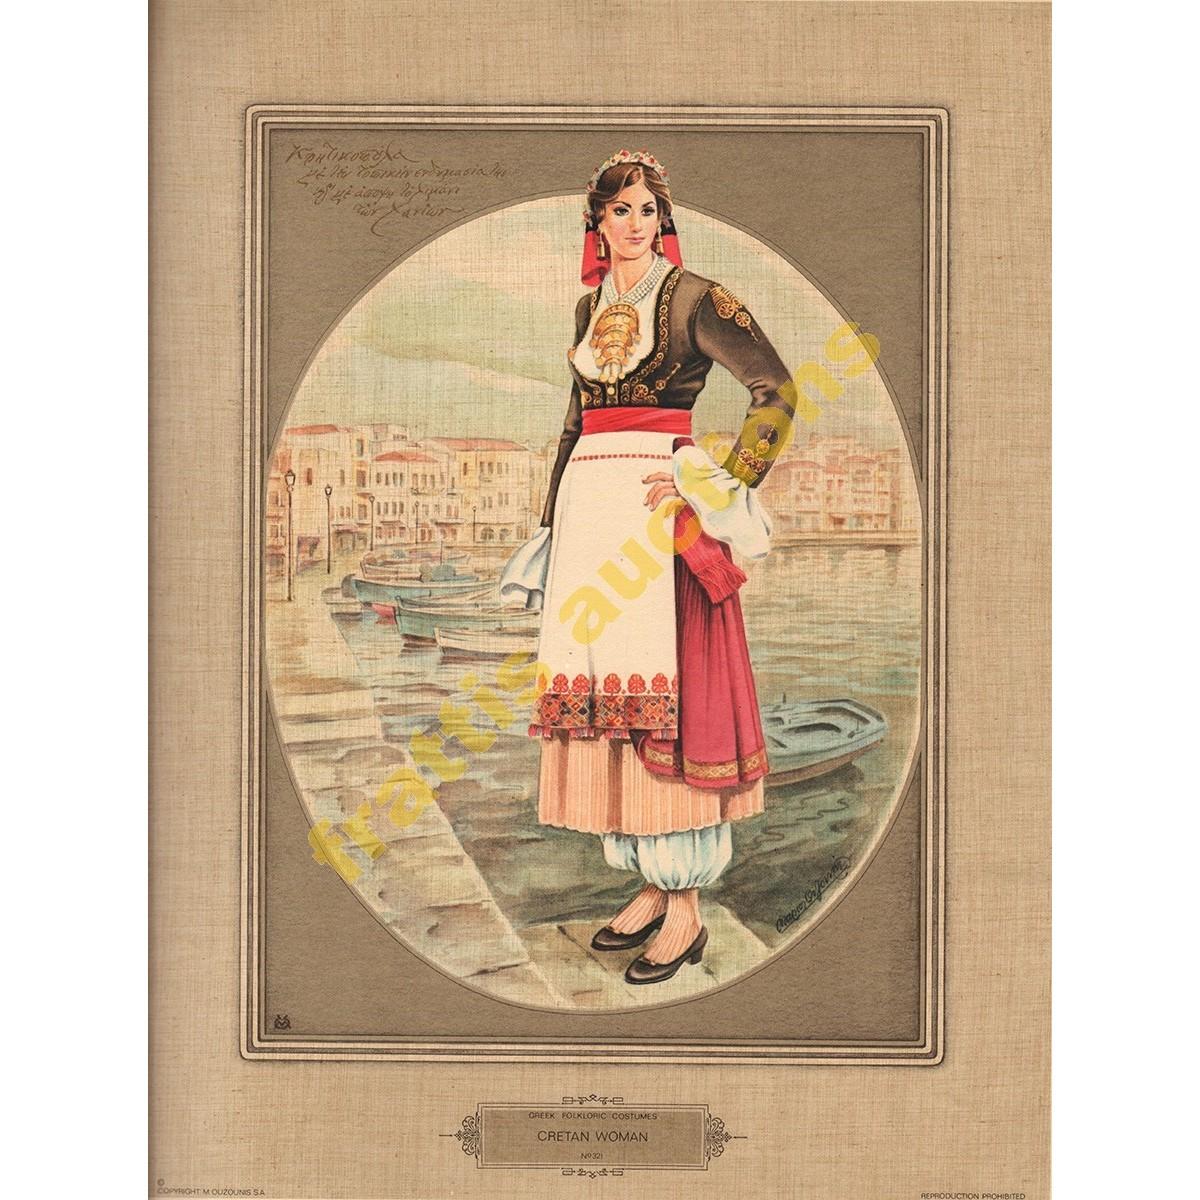 ΚΡΗΤΗ Αφίσσα Γυναίκας με Παραδοσιακή Φορεσιά.